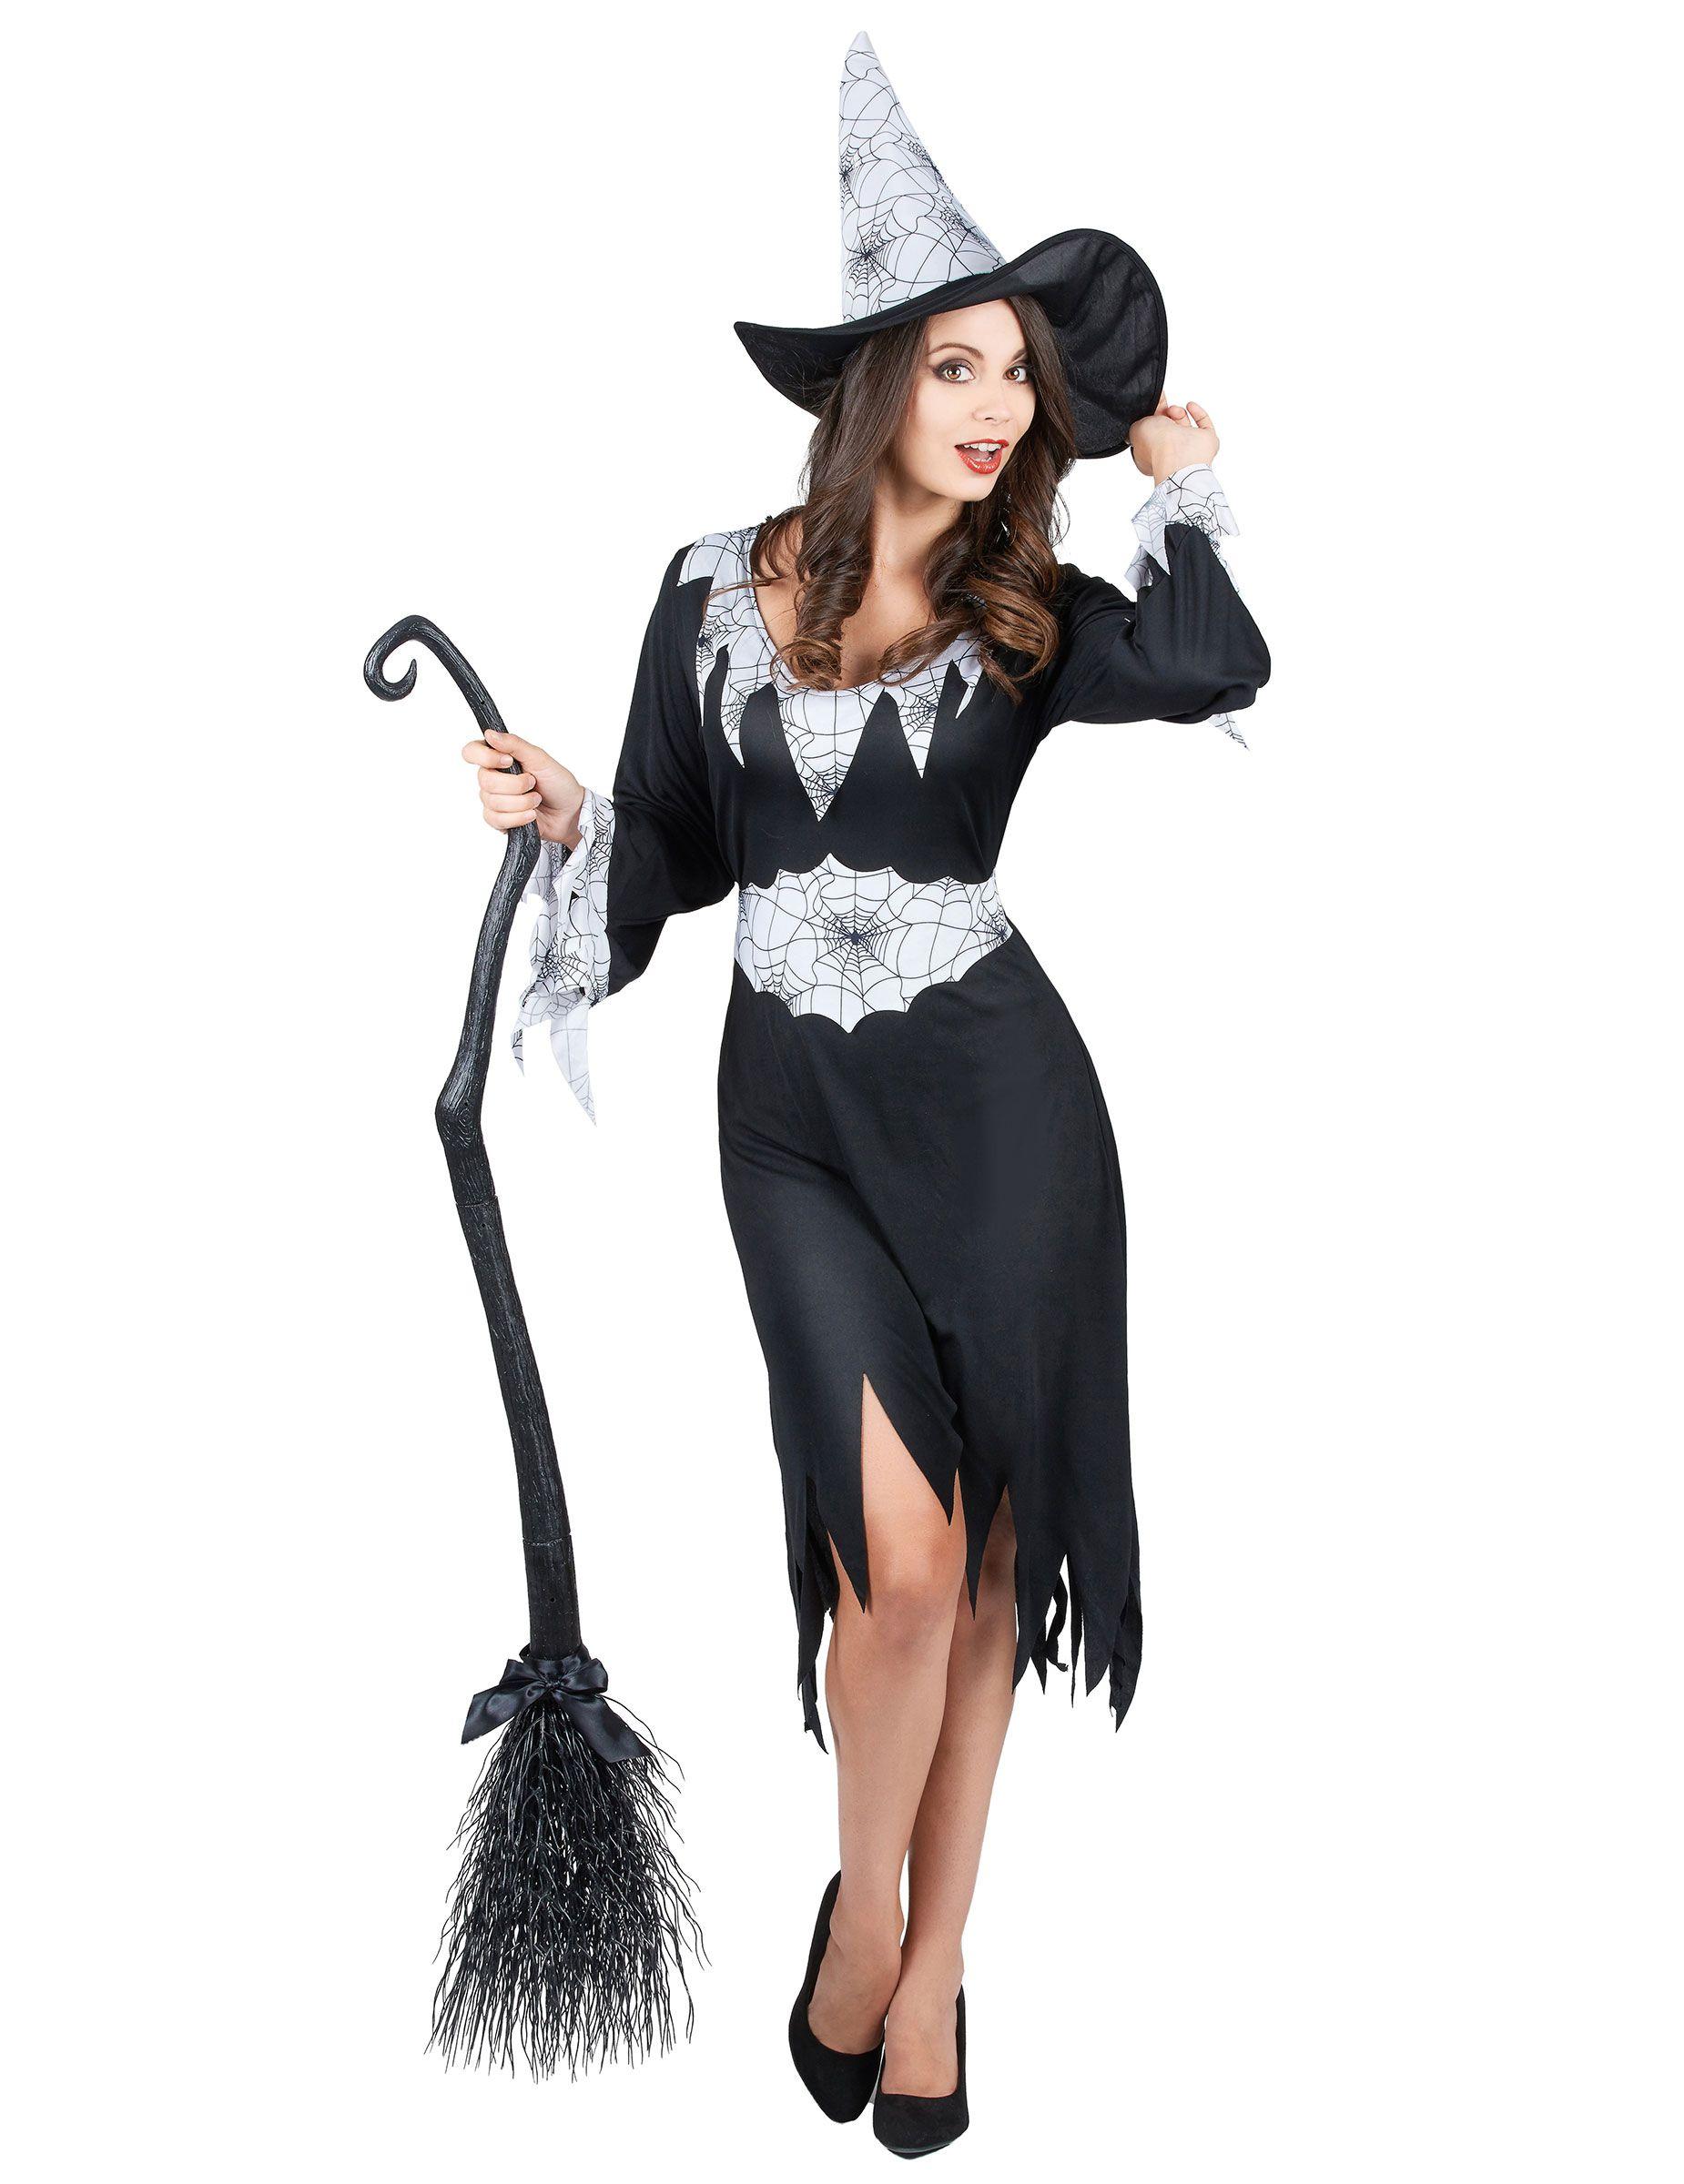 Costume strega donna Halloween e molti altri vestiti da donna per Halloween cb24f2bd4e04